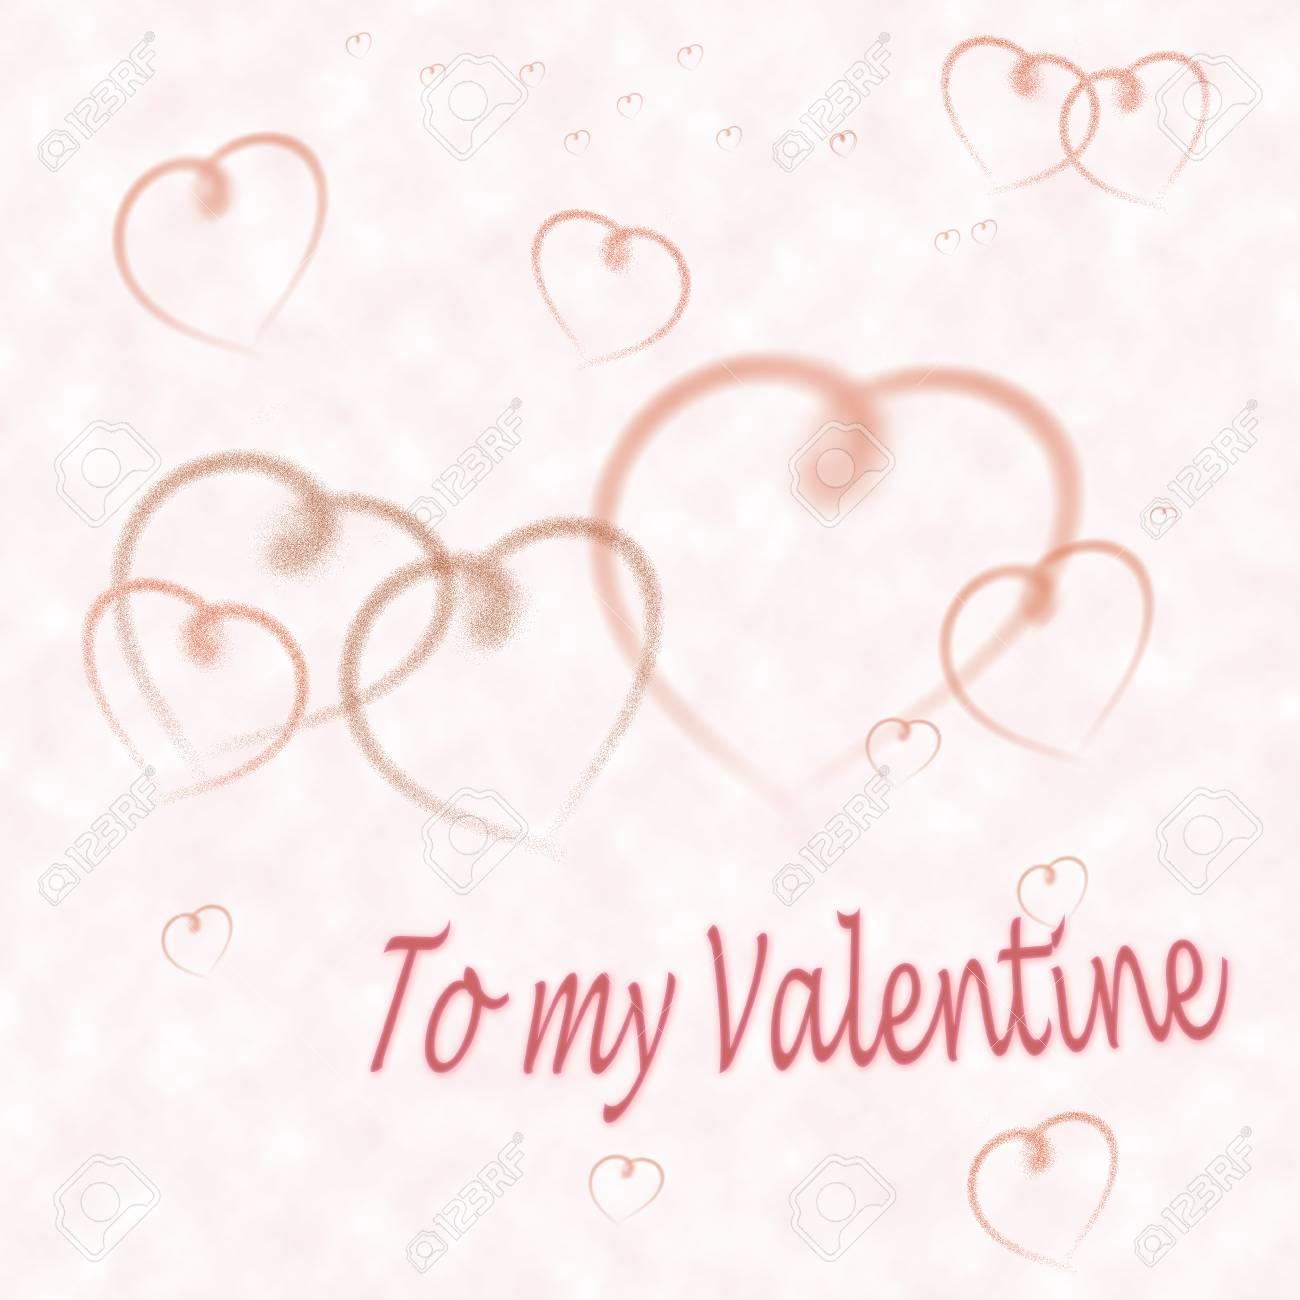 メッセージ ハッピー バレンタイン